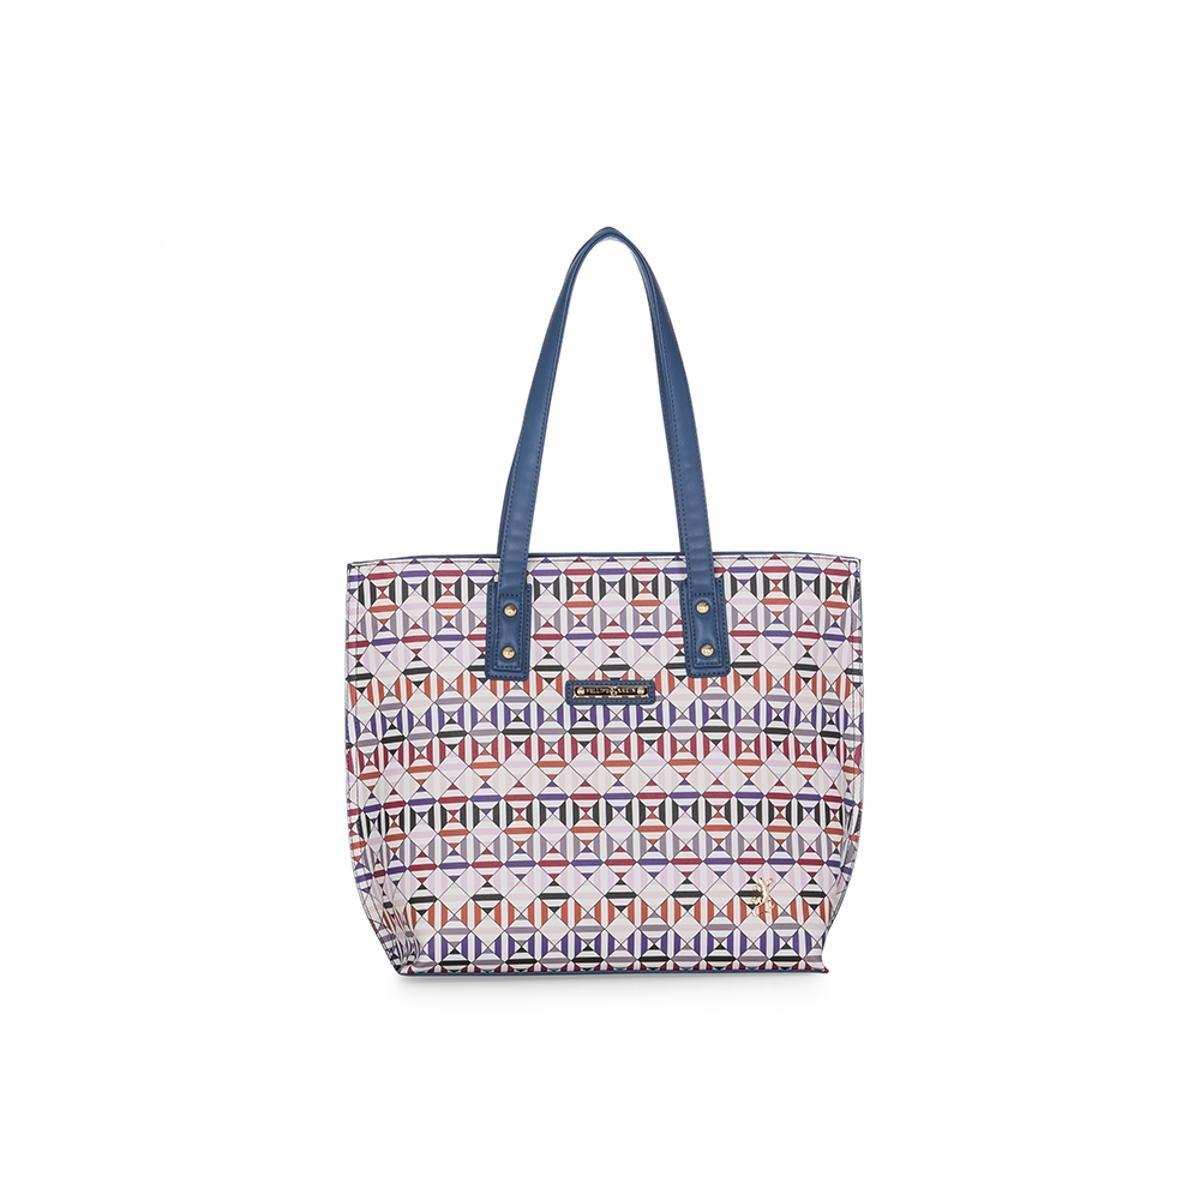 9c3d98eee Bolsa Sacola Fellipe Krein Feminina - Compre Agora | Netshoes